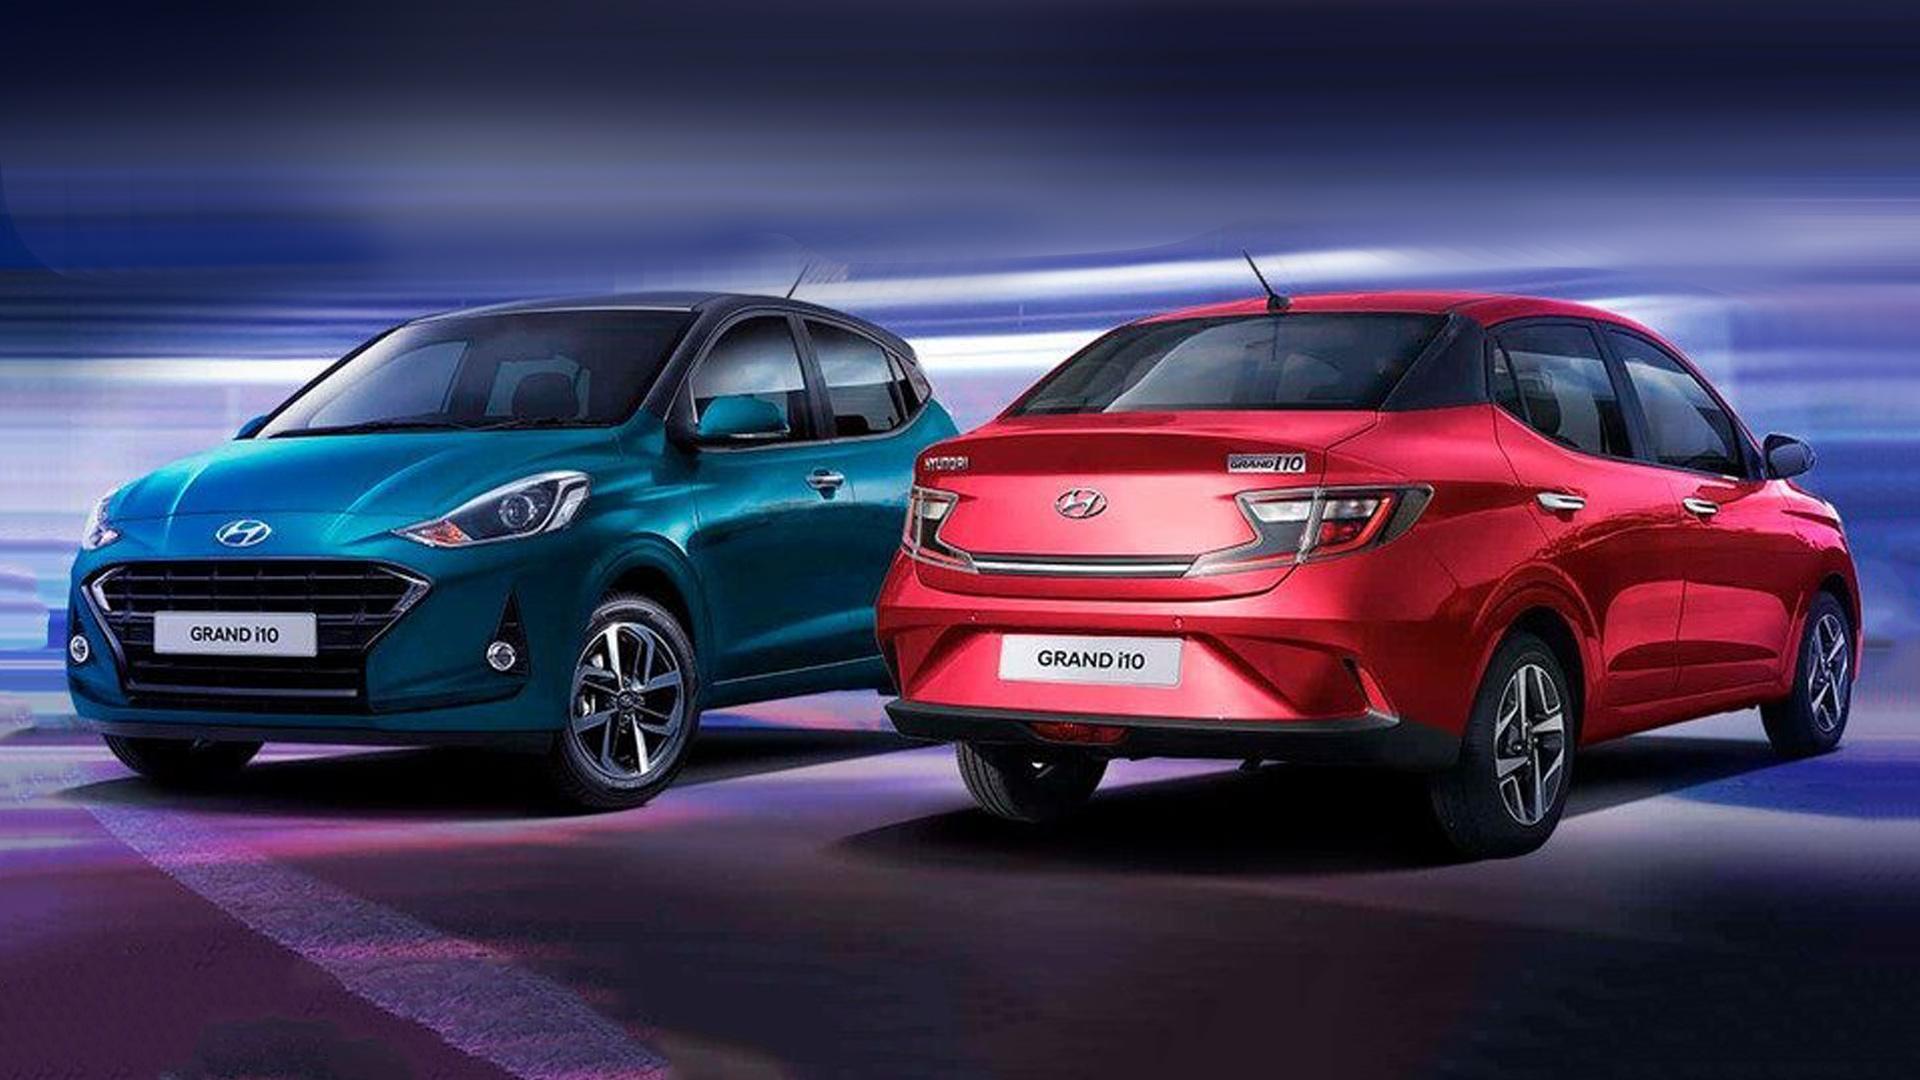 6 razones para comprar un Hyundai Grand i10 2021